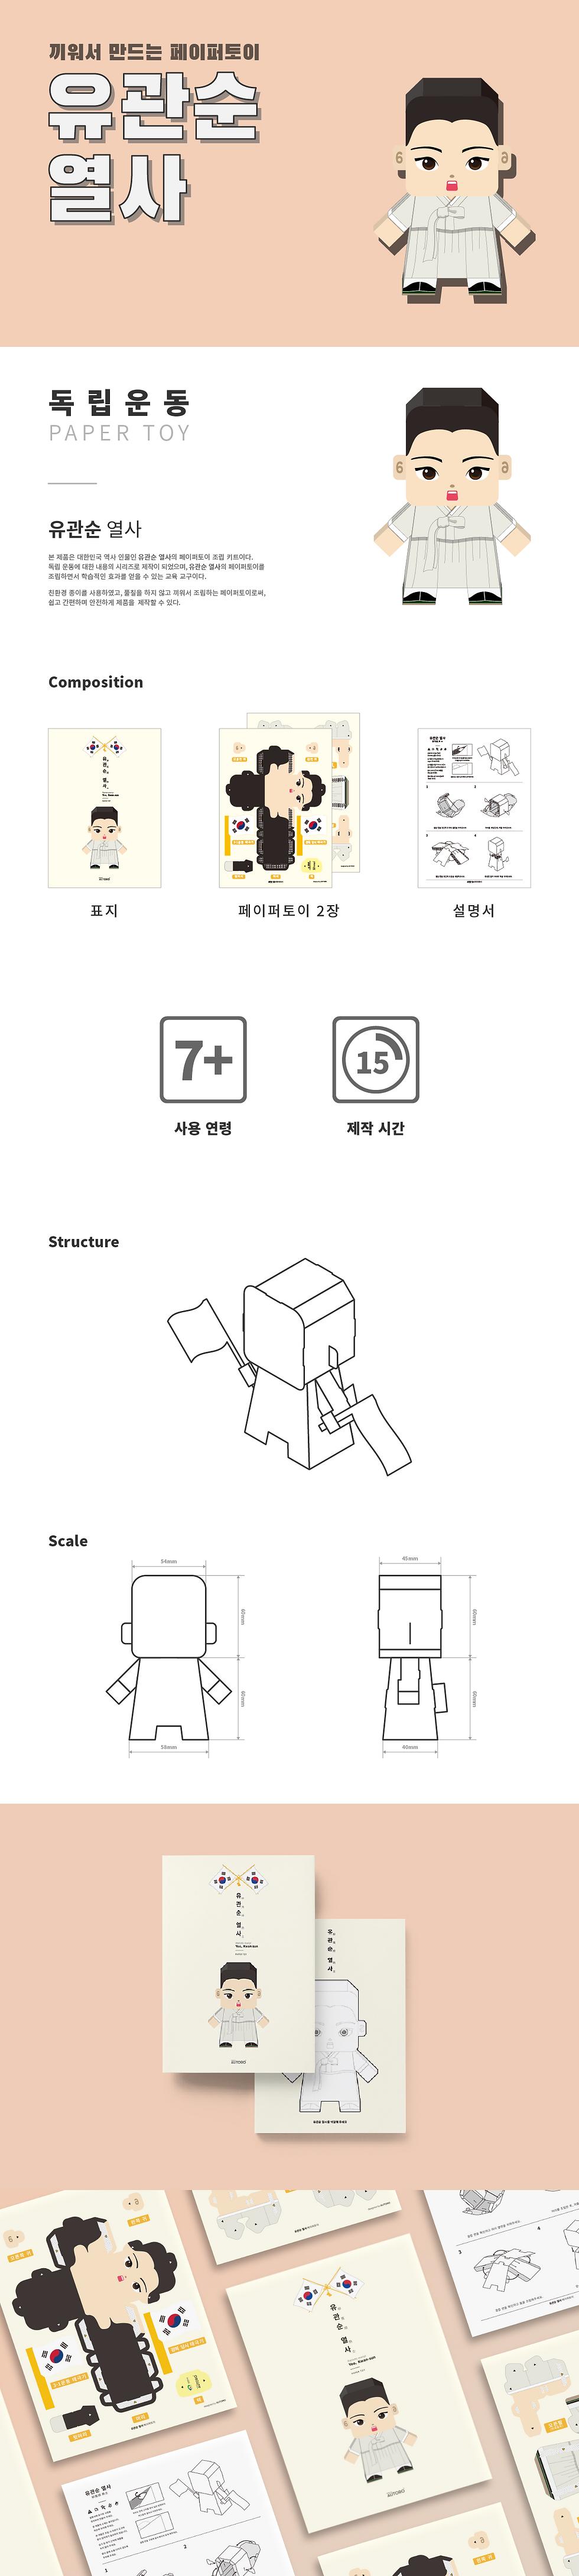 01-21. 유관순 열사_독립운동_상세페이지.png